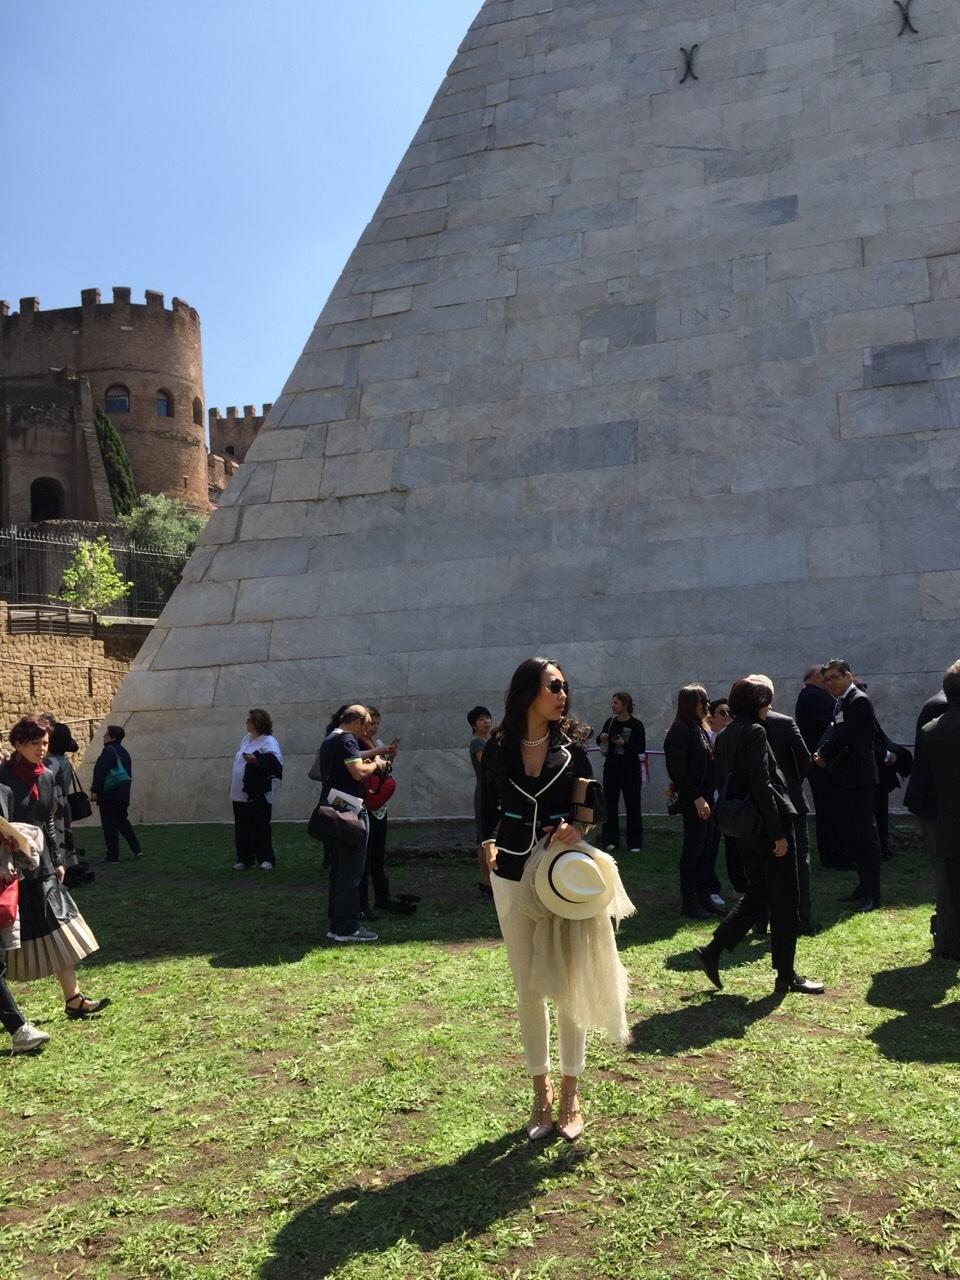 八木通商 ピラミッド修復完成記念式典_f0342875_21094606.jpg